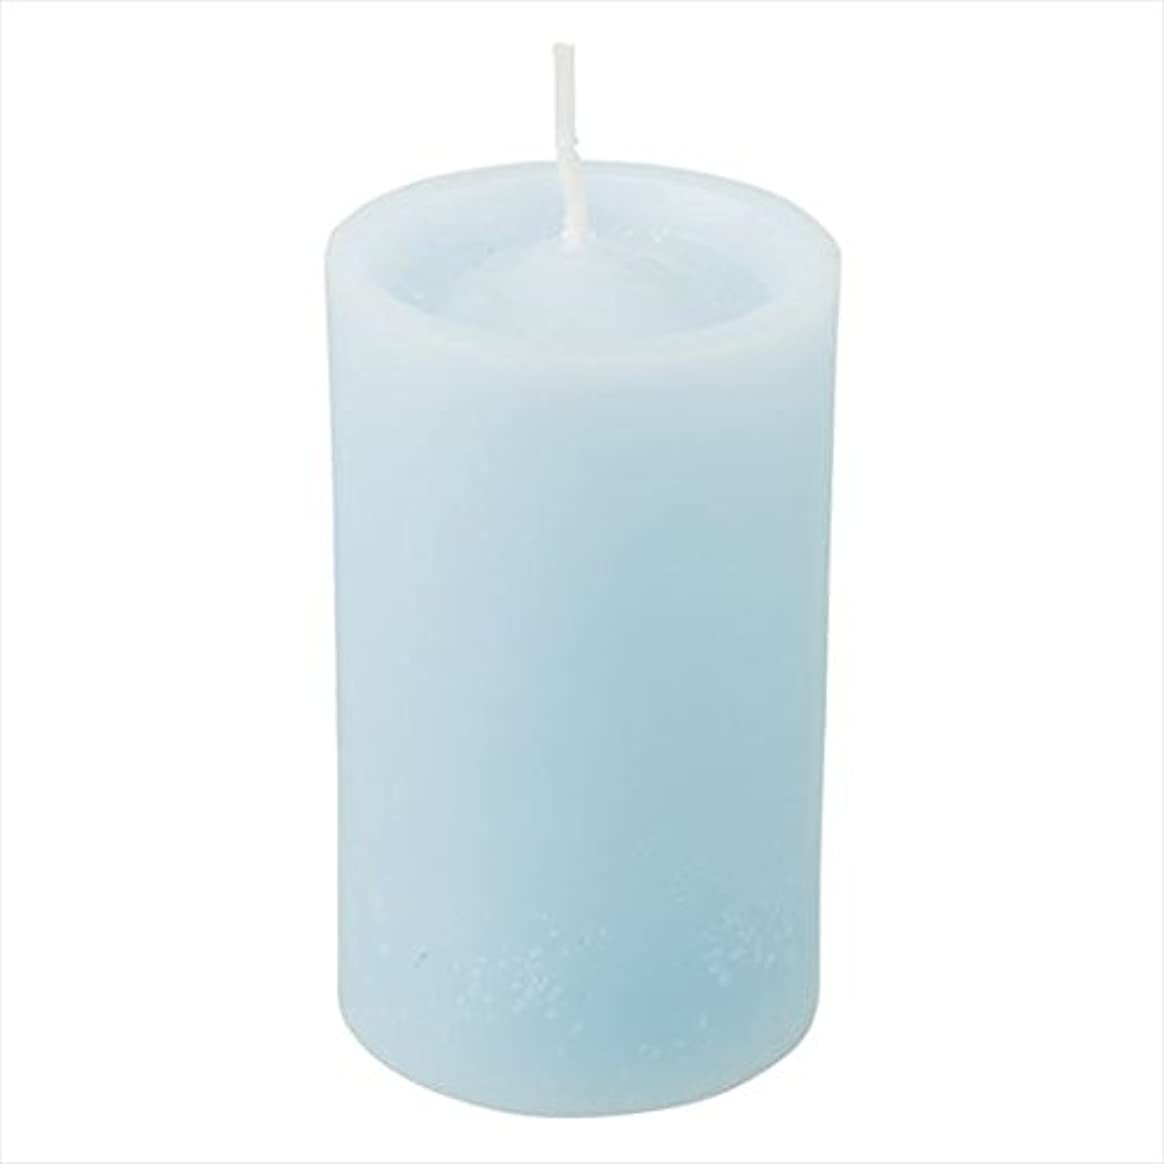 案件太平洋諸島追加カメヤマキャンドル(kameyama candle) ロイヤルラウンド60 「 ライトブルー 」